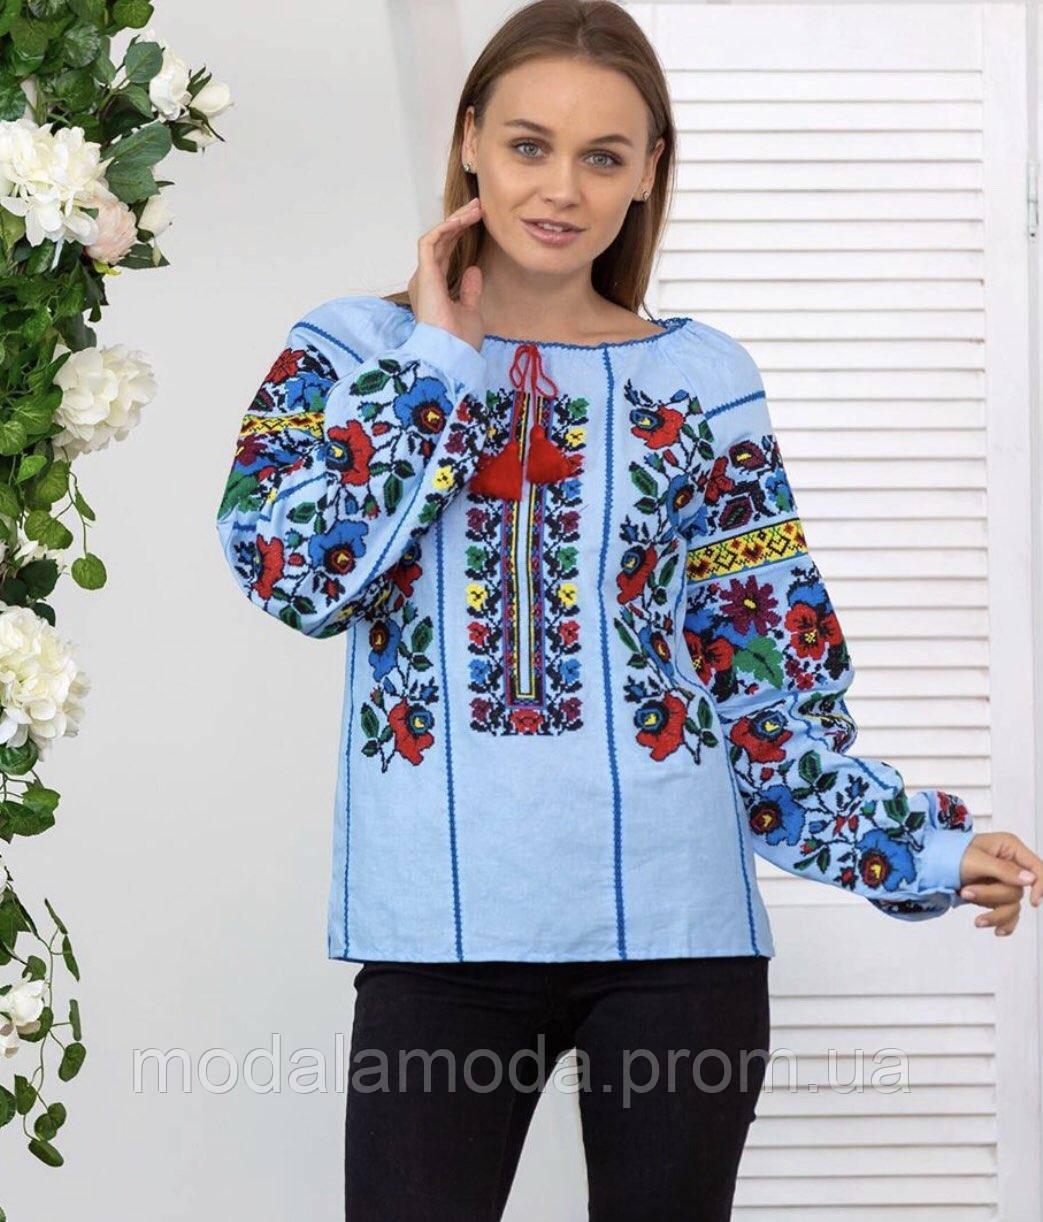 Вышиванка женская в голубом цвете с потресающими цветами